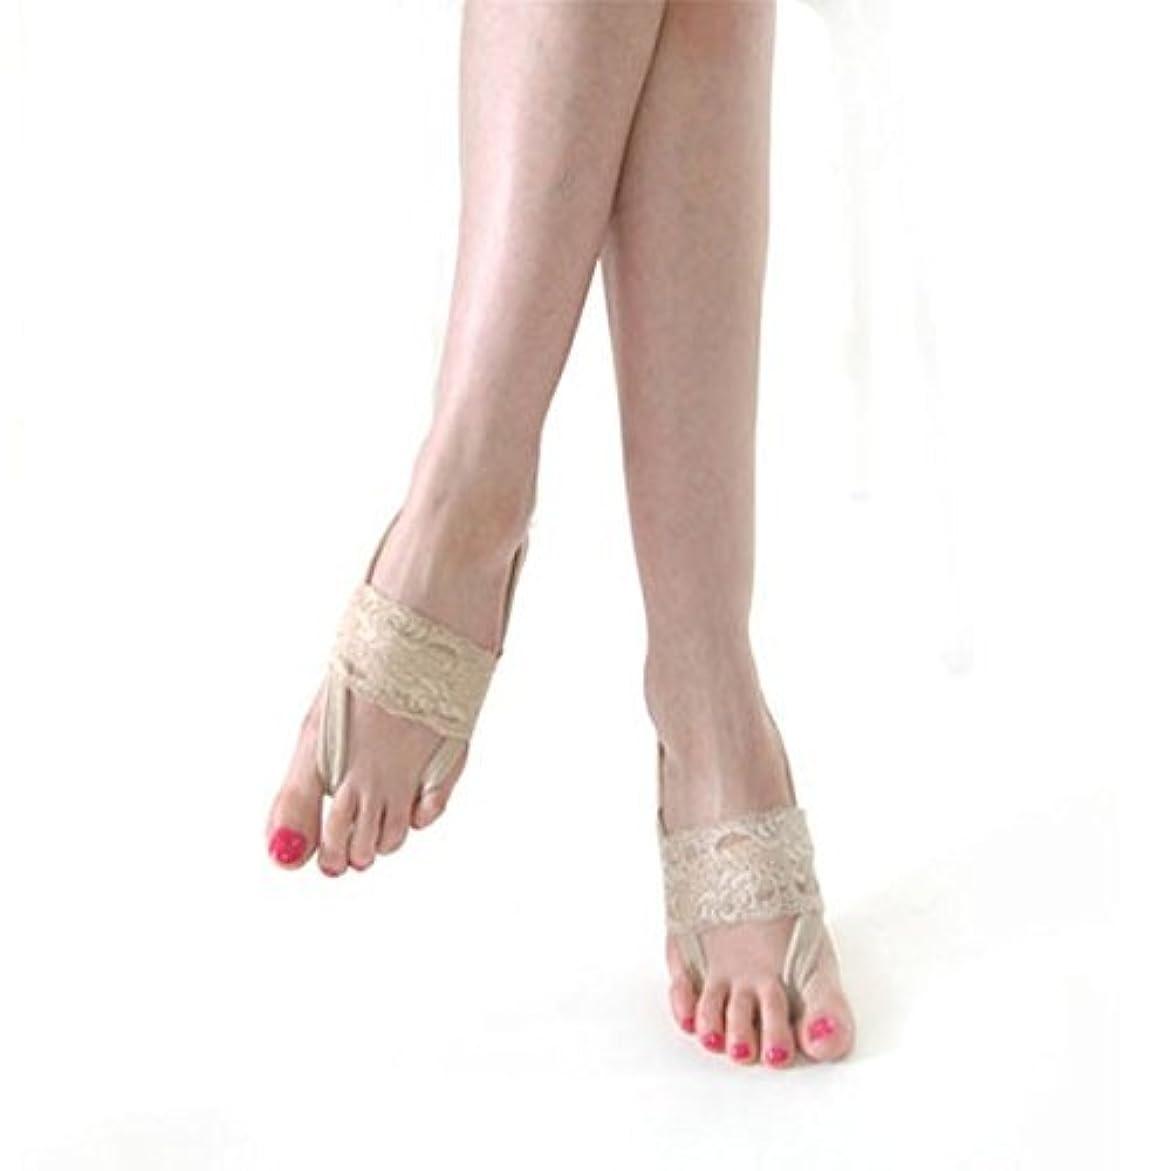 堂々たるドット腕足が疲れにくい アシピタ 【 ベージュ Sサイズ ソックス 】むくみ 冷え 美脚 美姿勢をサポート 21-23cm